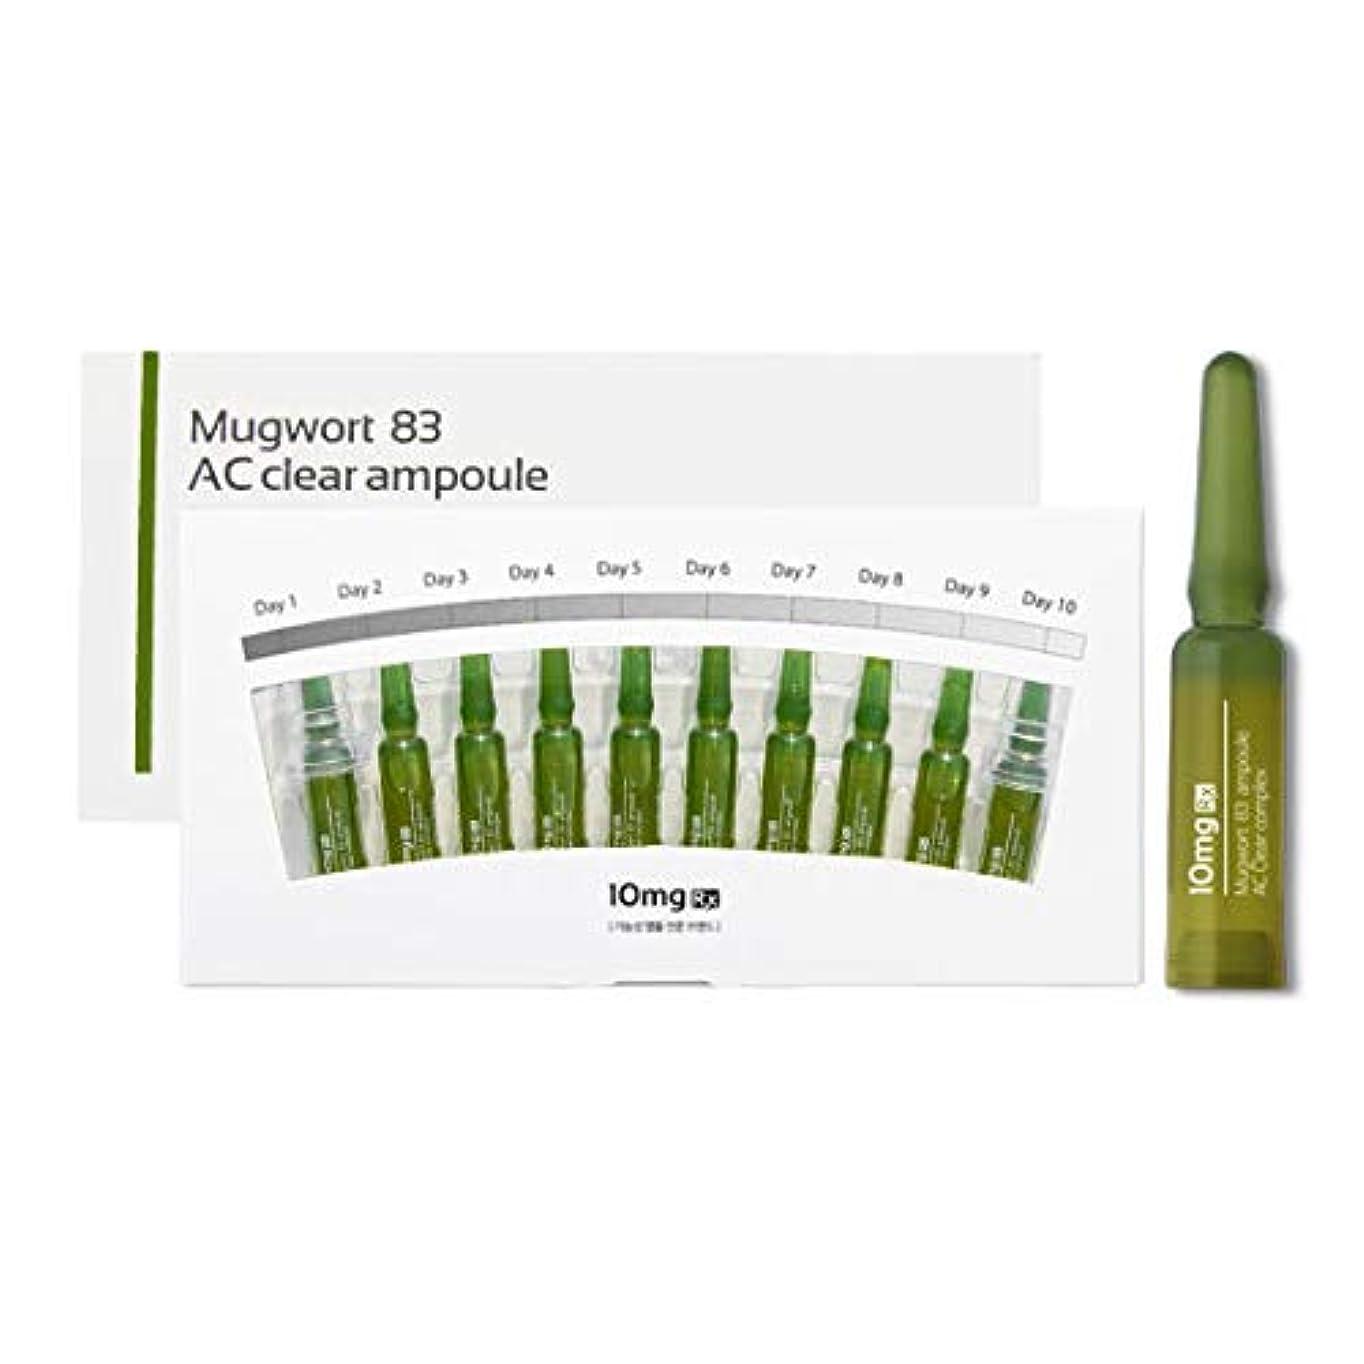 回転させる増幅するカイウスAIDA 10mgRx マグワート83 ACクリアアンプル 2mlx10ea (皮脂コントロール、傷みにくい)/ Mugwort 83 AC Clear Ampoule